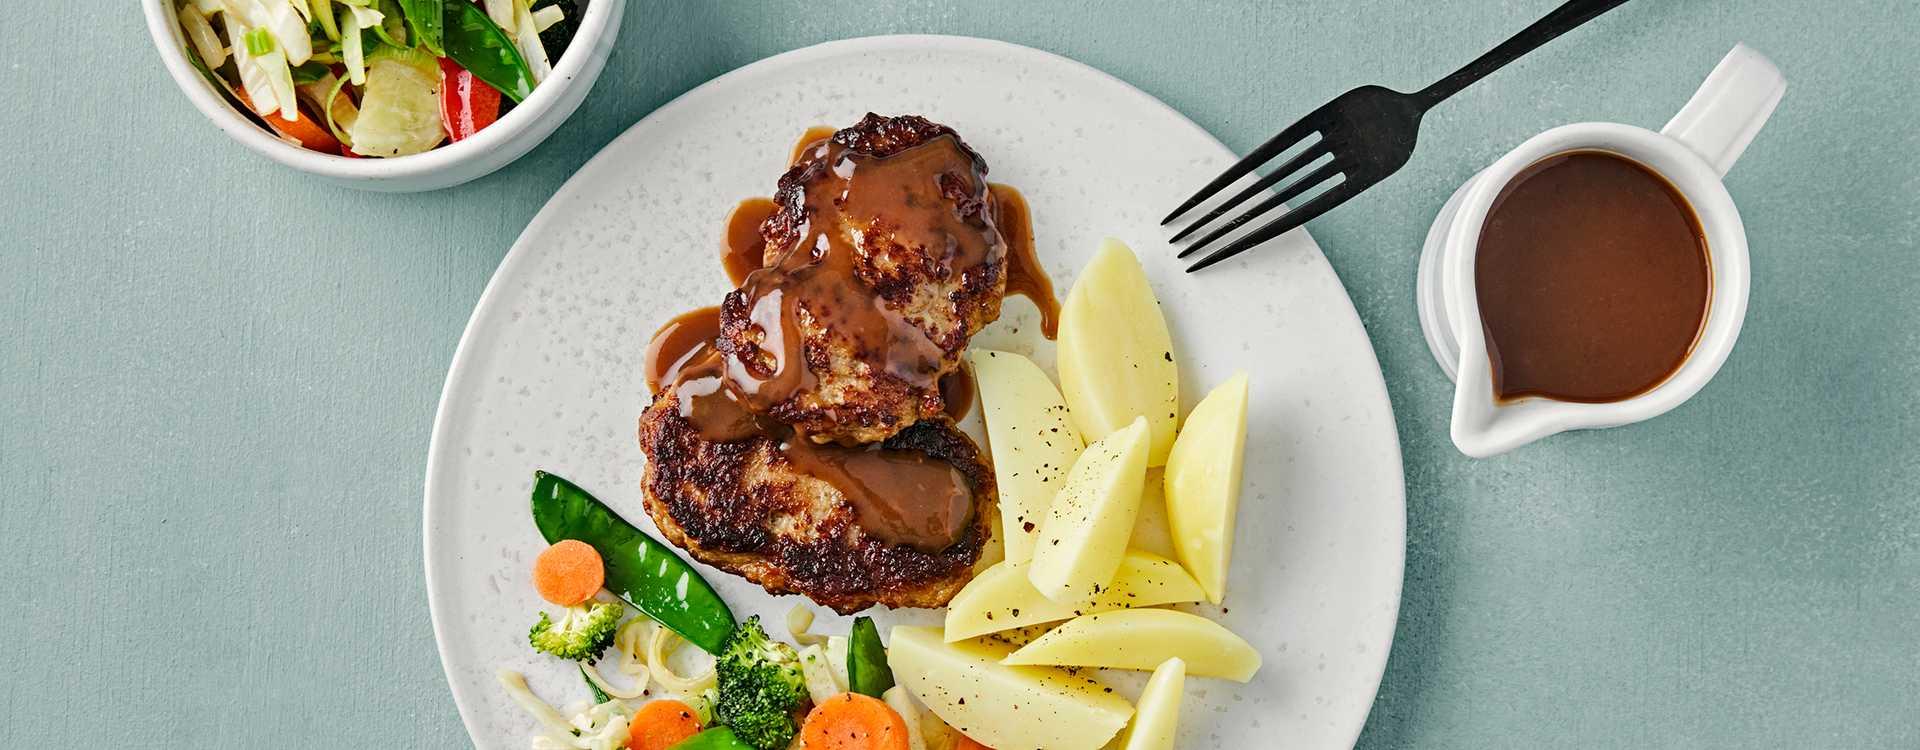 Karbonader med wokblanding, brun saus og poteter